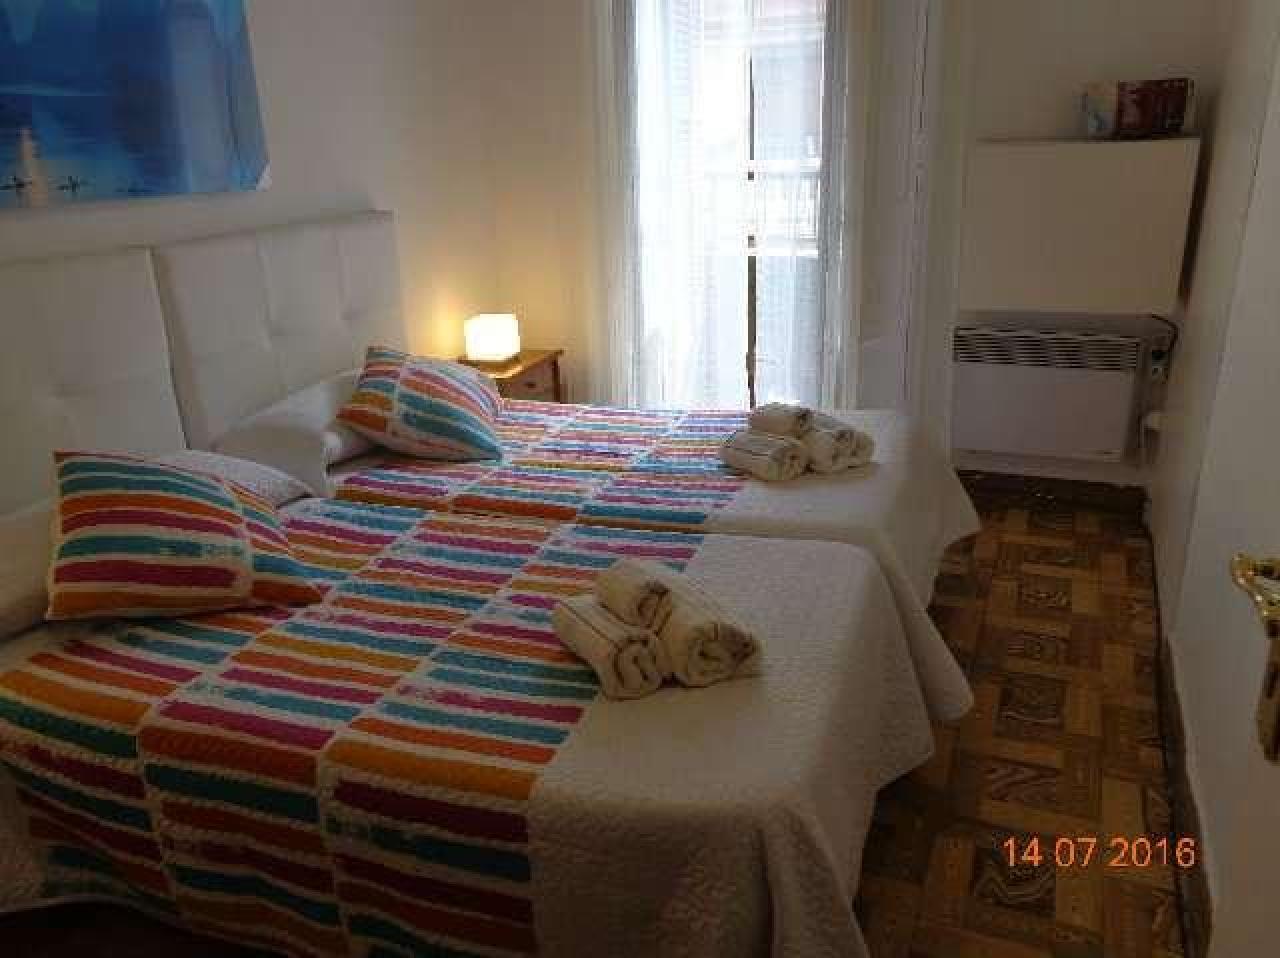 Apartamento para vacaciones San Sebastián, Guipúzcoa